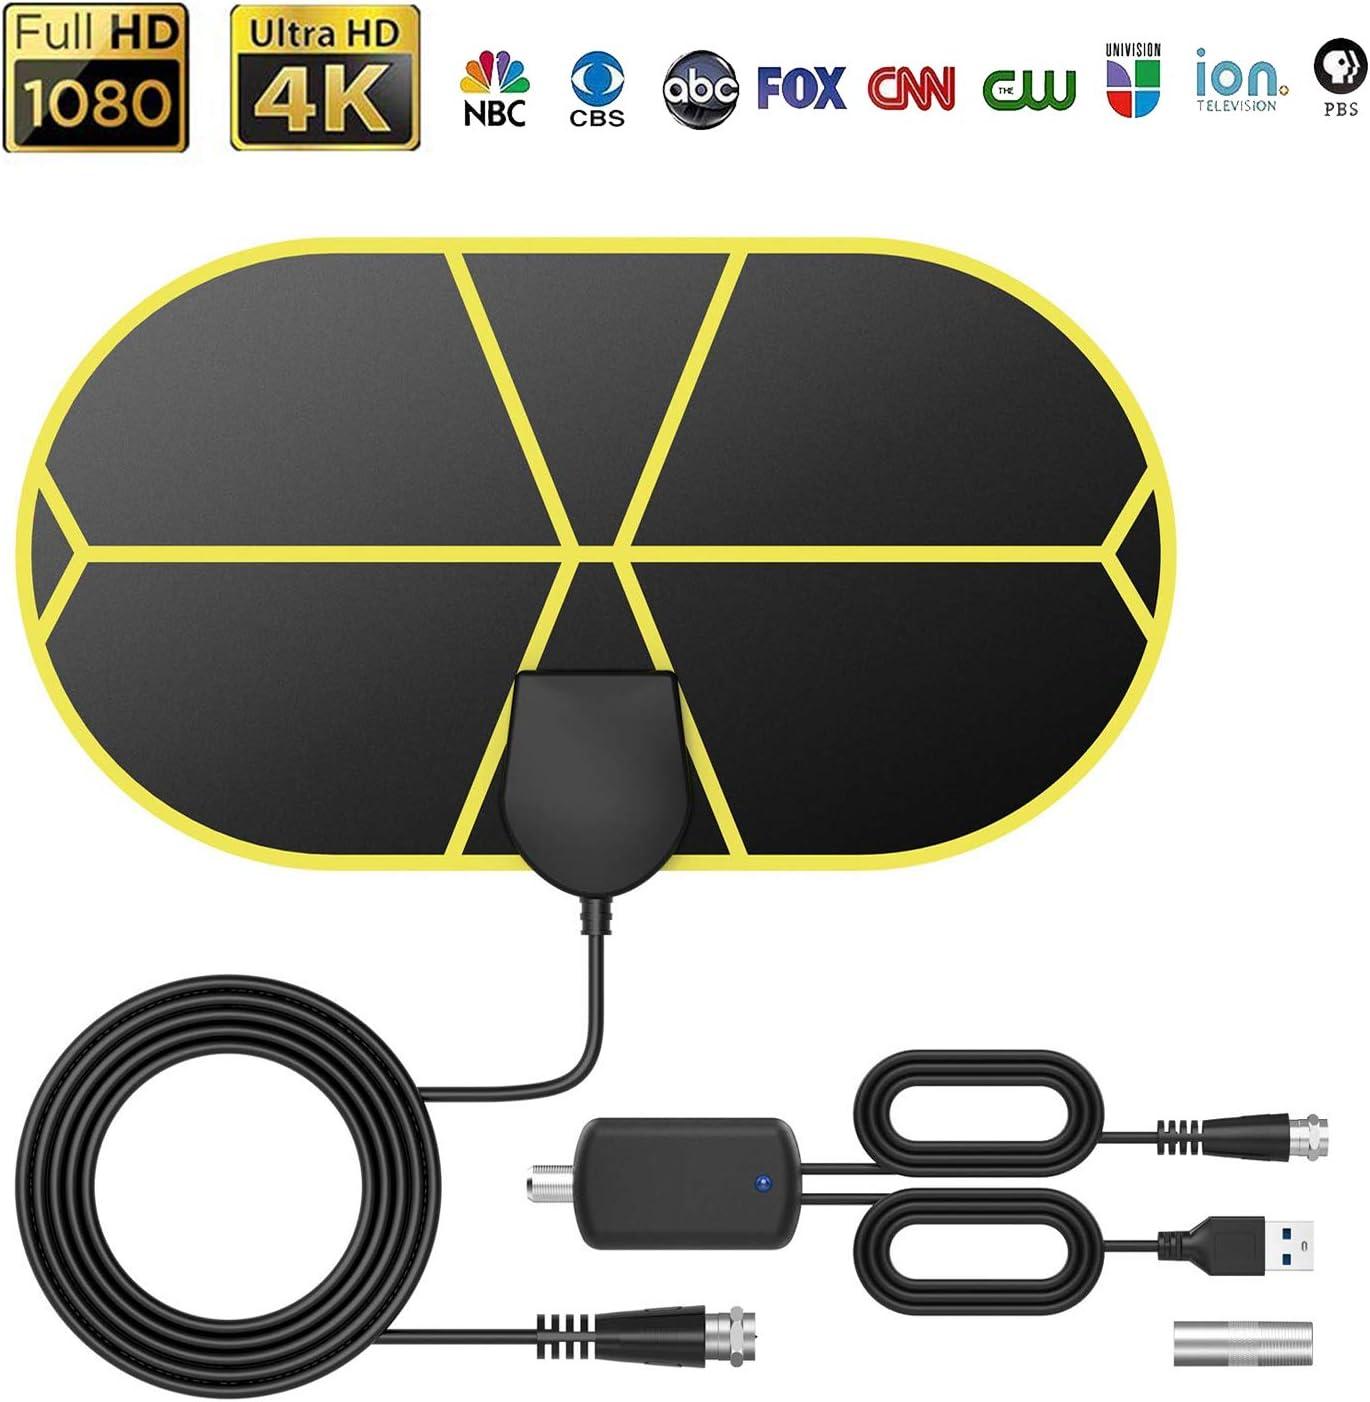 GeekerChip Antena TV Interior,Antena TV TNT Portátil con 3.7 M Cable,Soporte 4K 1080p para 4K 1080 HD/VHF/UHF,Apto para Sección los Tipos de Televisores: Amazon.es: Electrónica